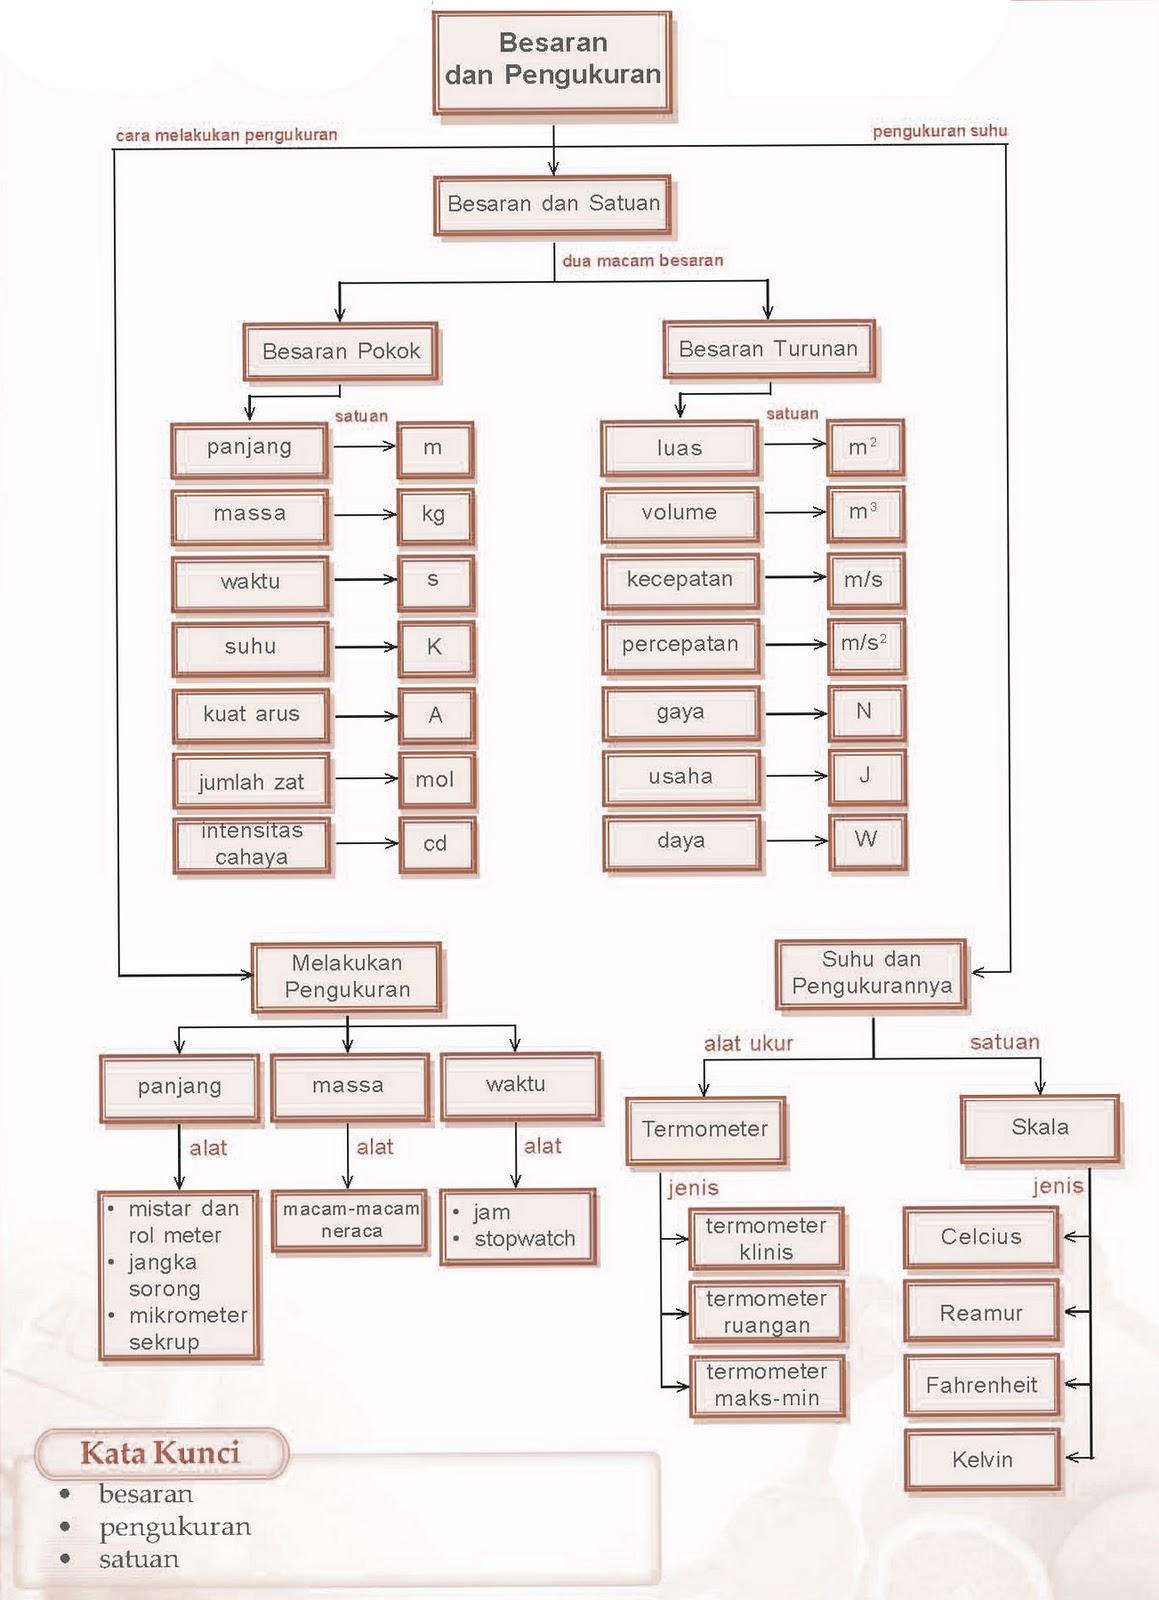 Gizi - SOP Mengukur Tinggi Badan (Panjang Badan)